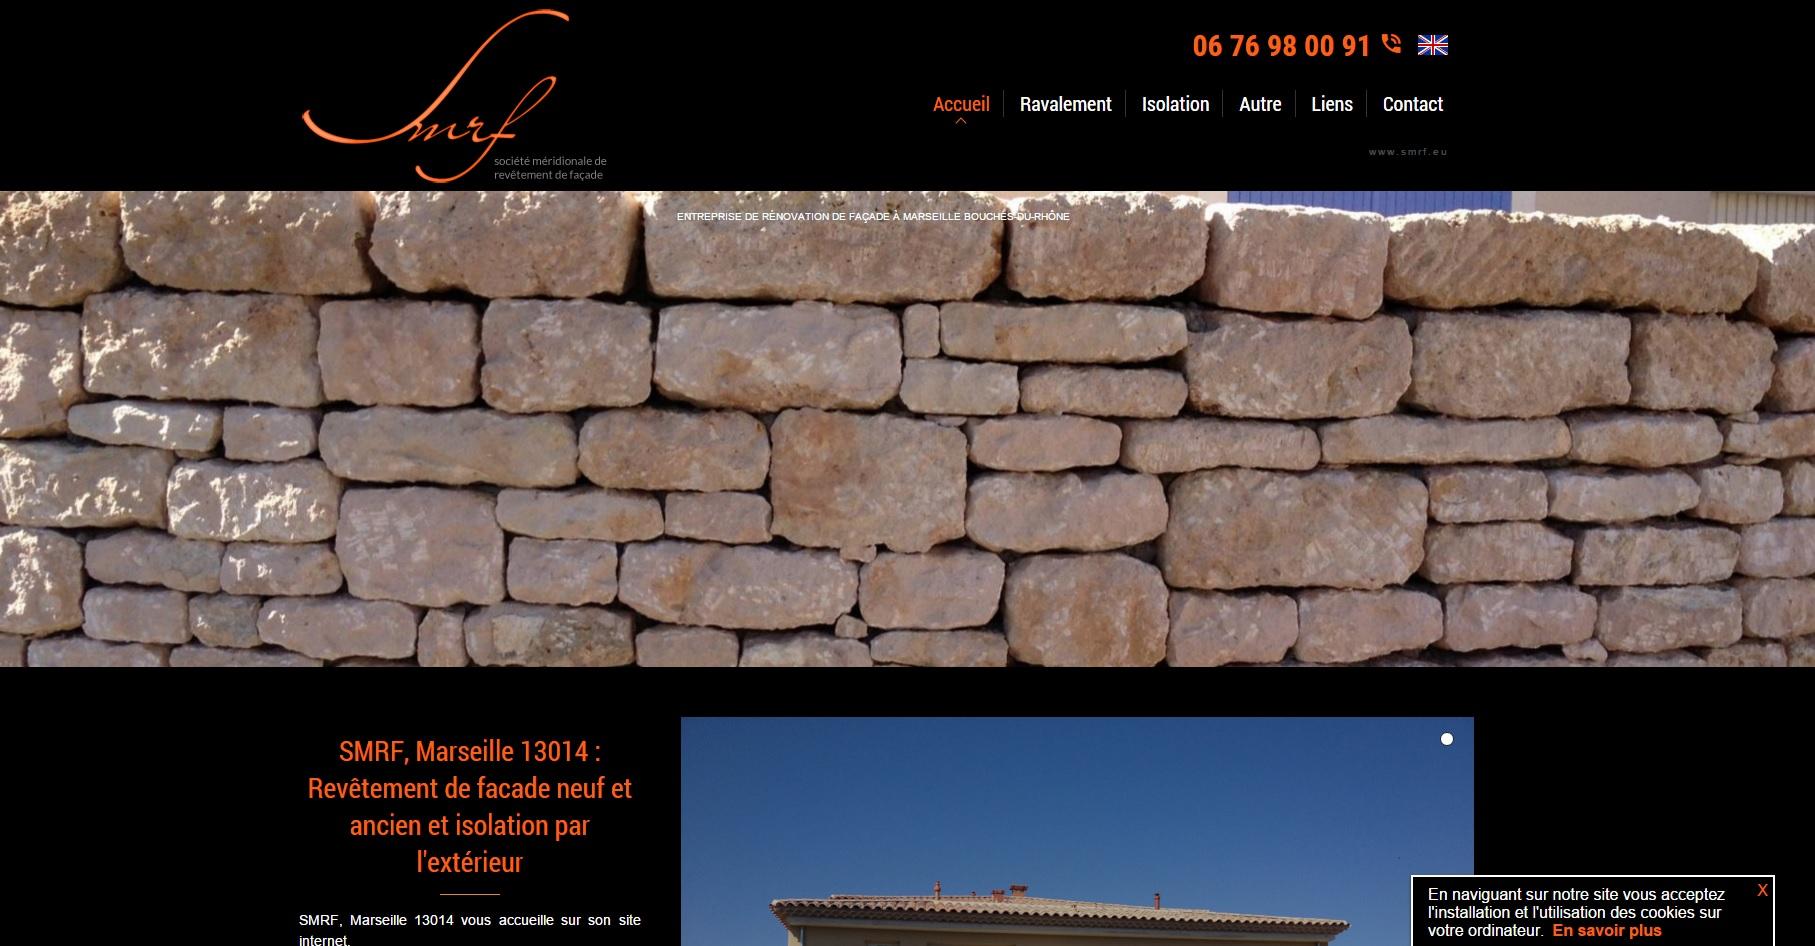 entreprise de ravalement de facade Marseille